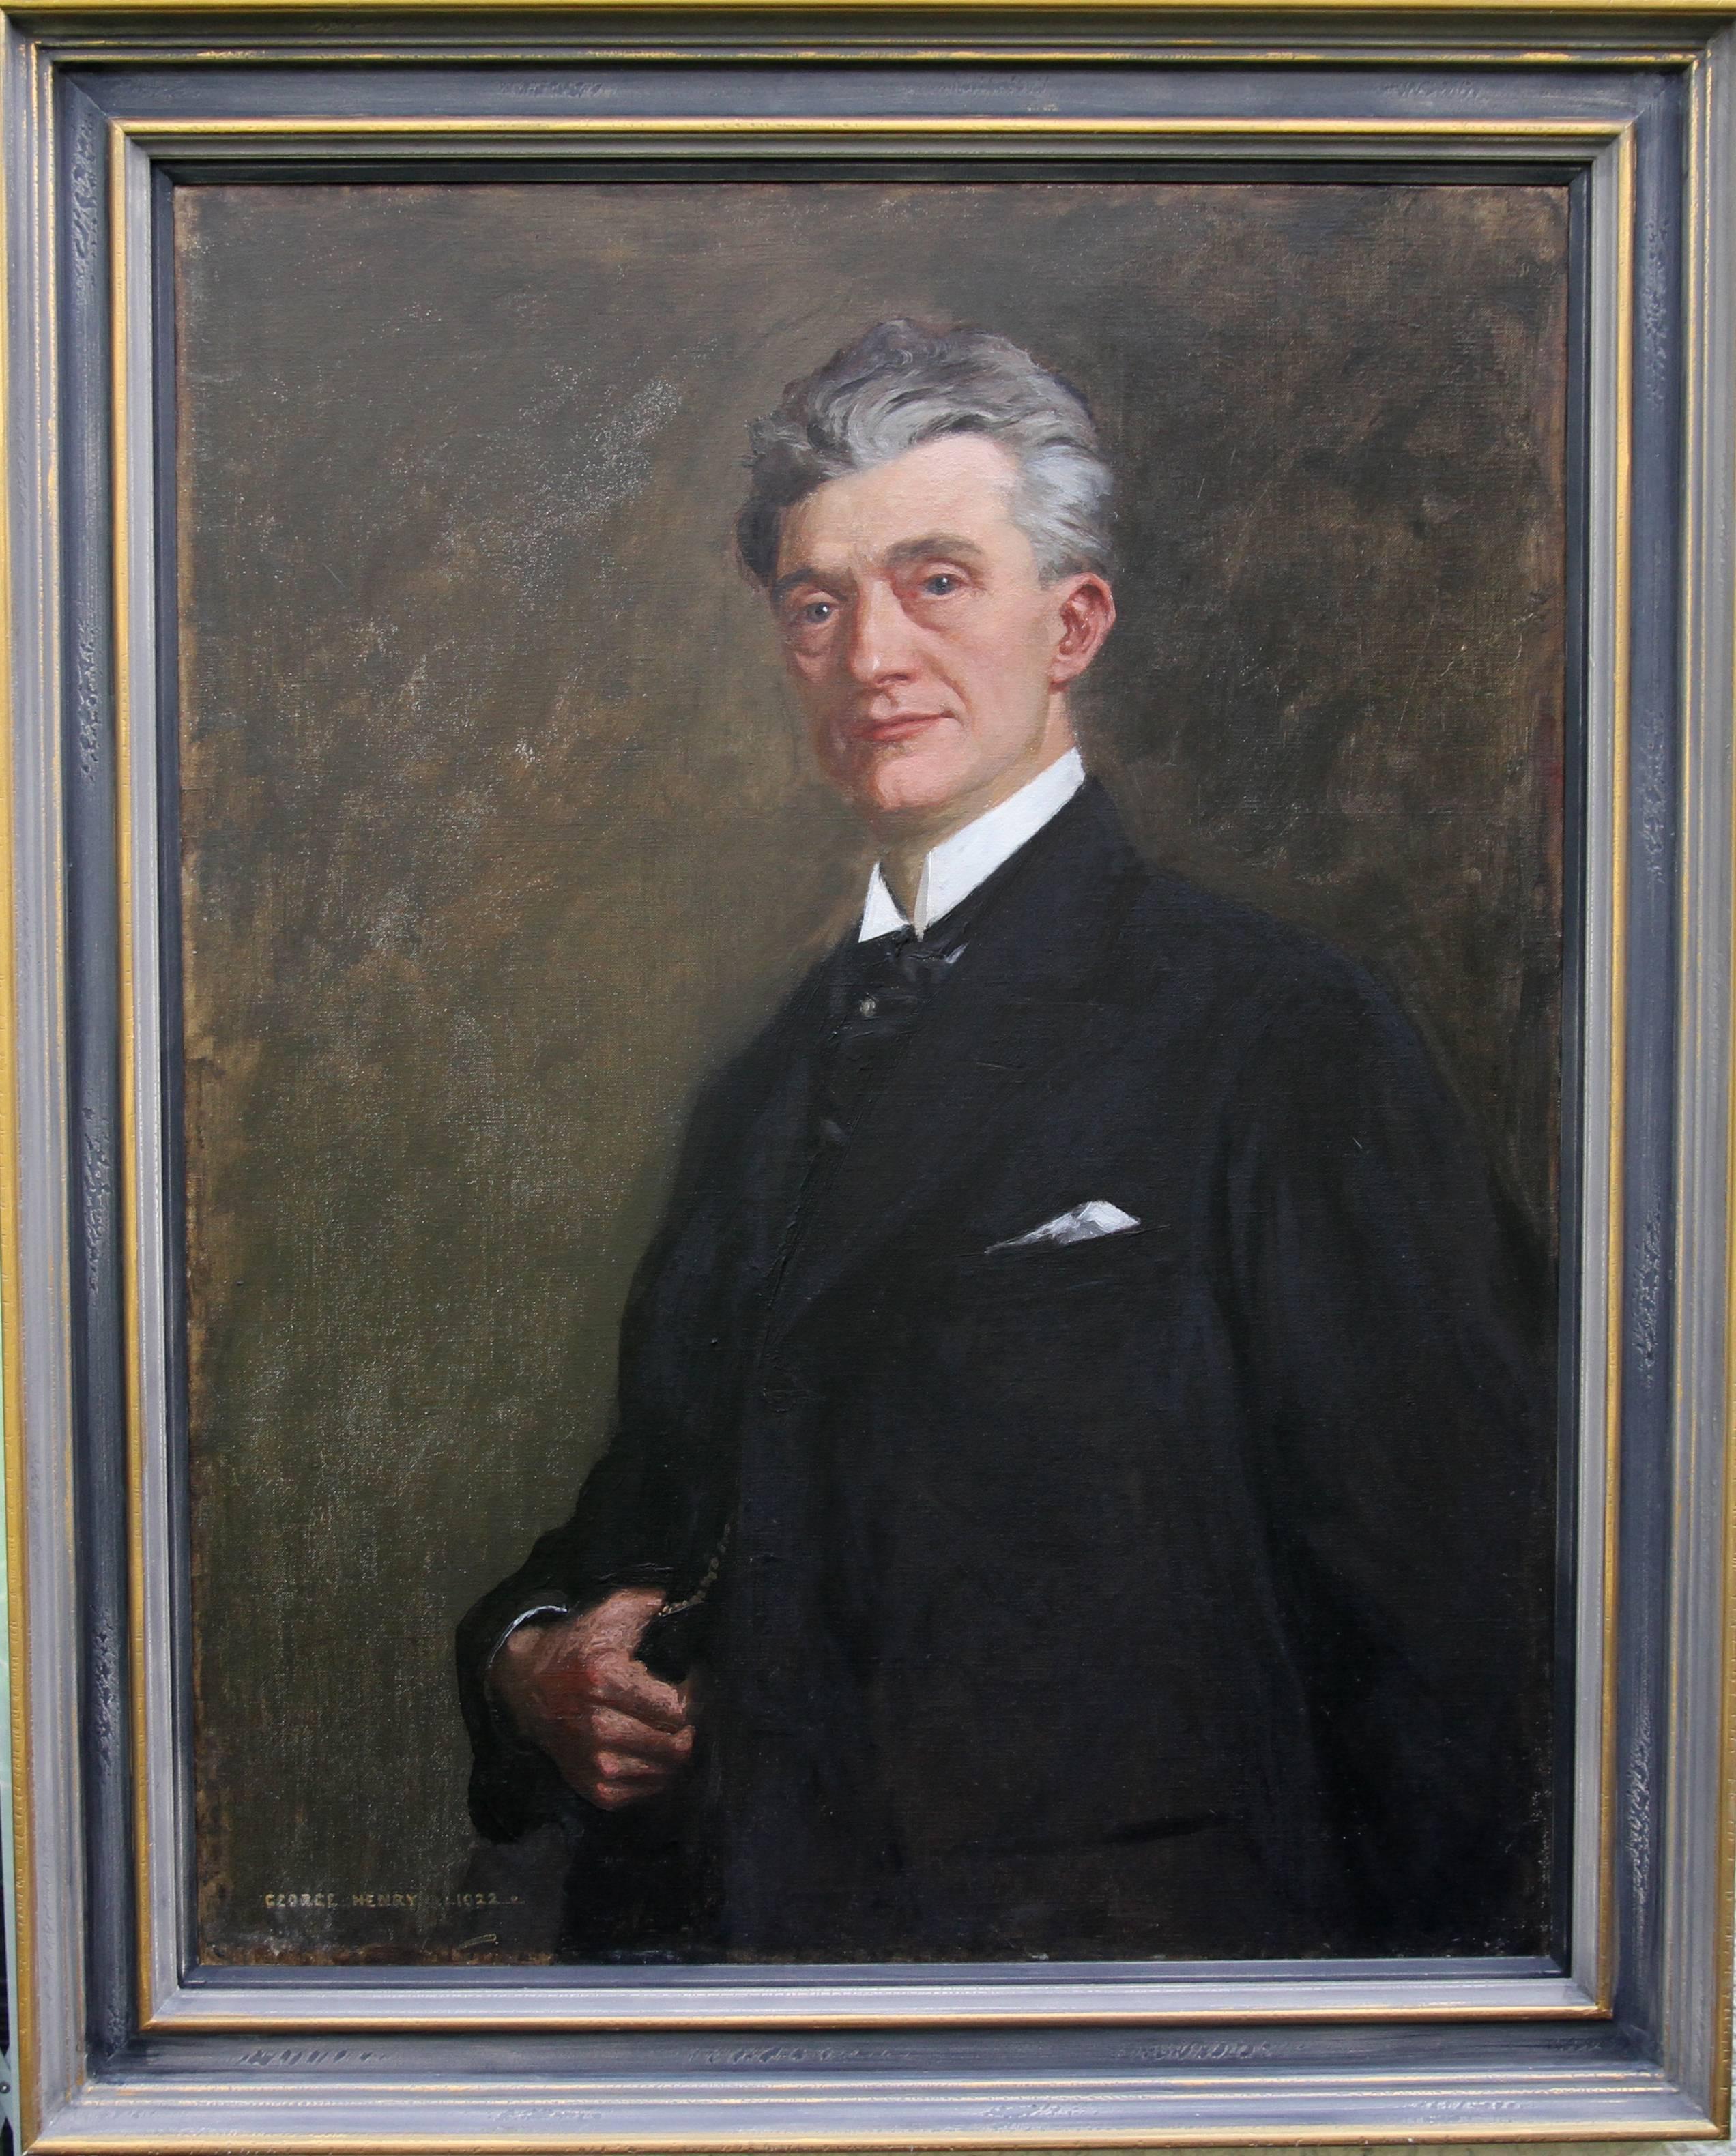 Portrait of a Gentleman - Scottish 1920s art 'Glasgow Boy' artist oil painting